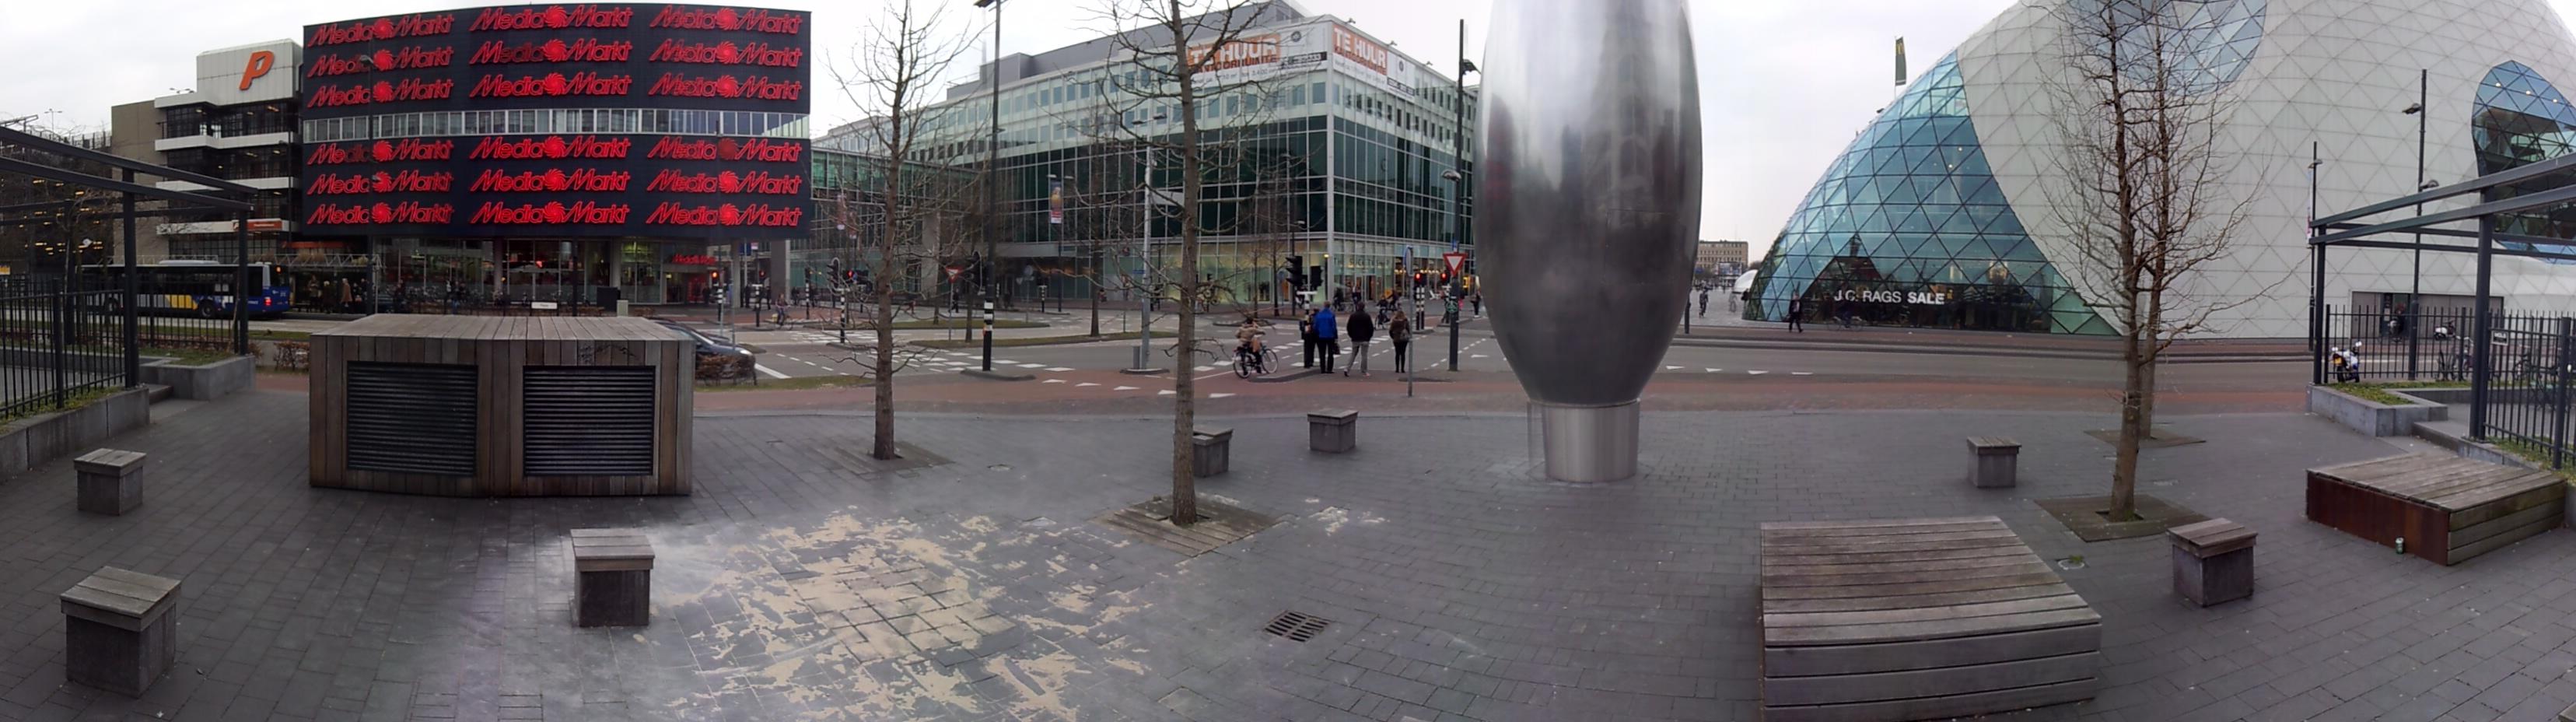 Uitzicht vanaf beoogde plek Standbeeld Frits Philips voor Usine